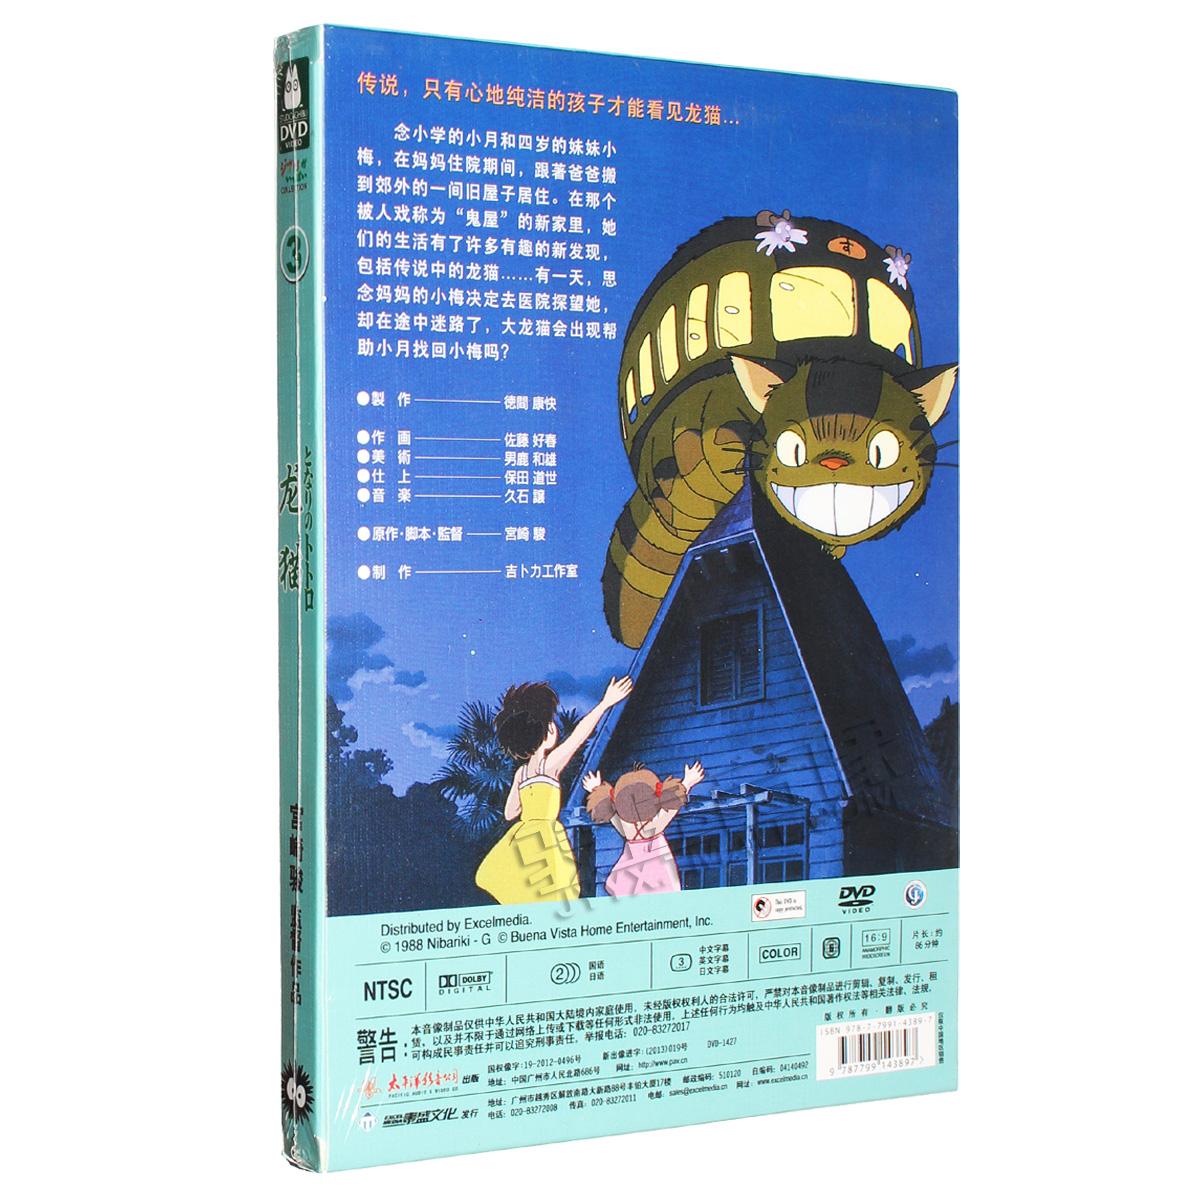 Мультфильм Оригинальные мой сосед Тоторо Хаяо Миядзаки мультфильм для детей мультфильм фильмы HD DVD компакт-диска мандарин Японский